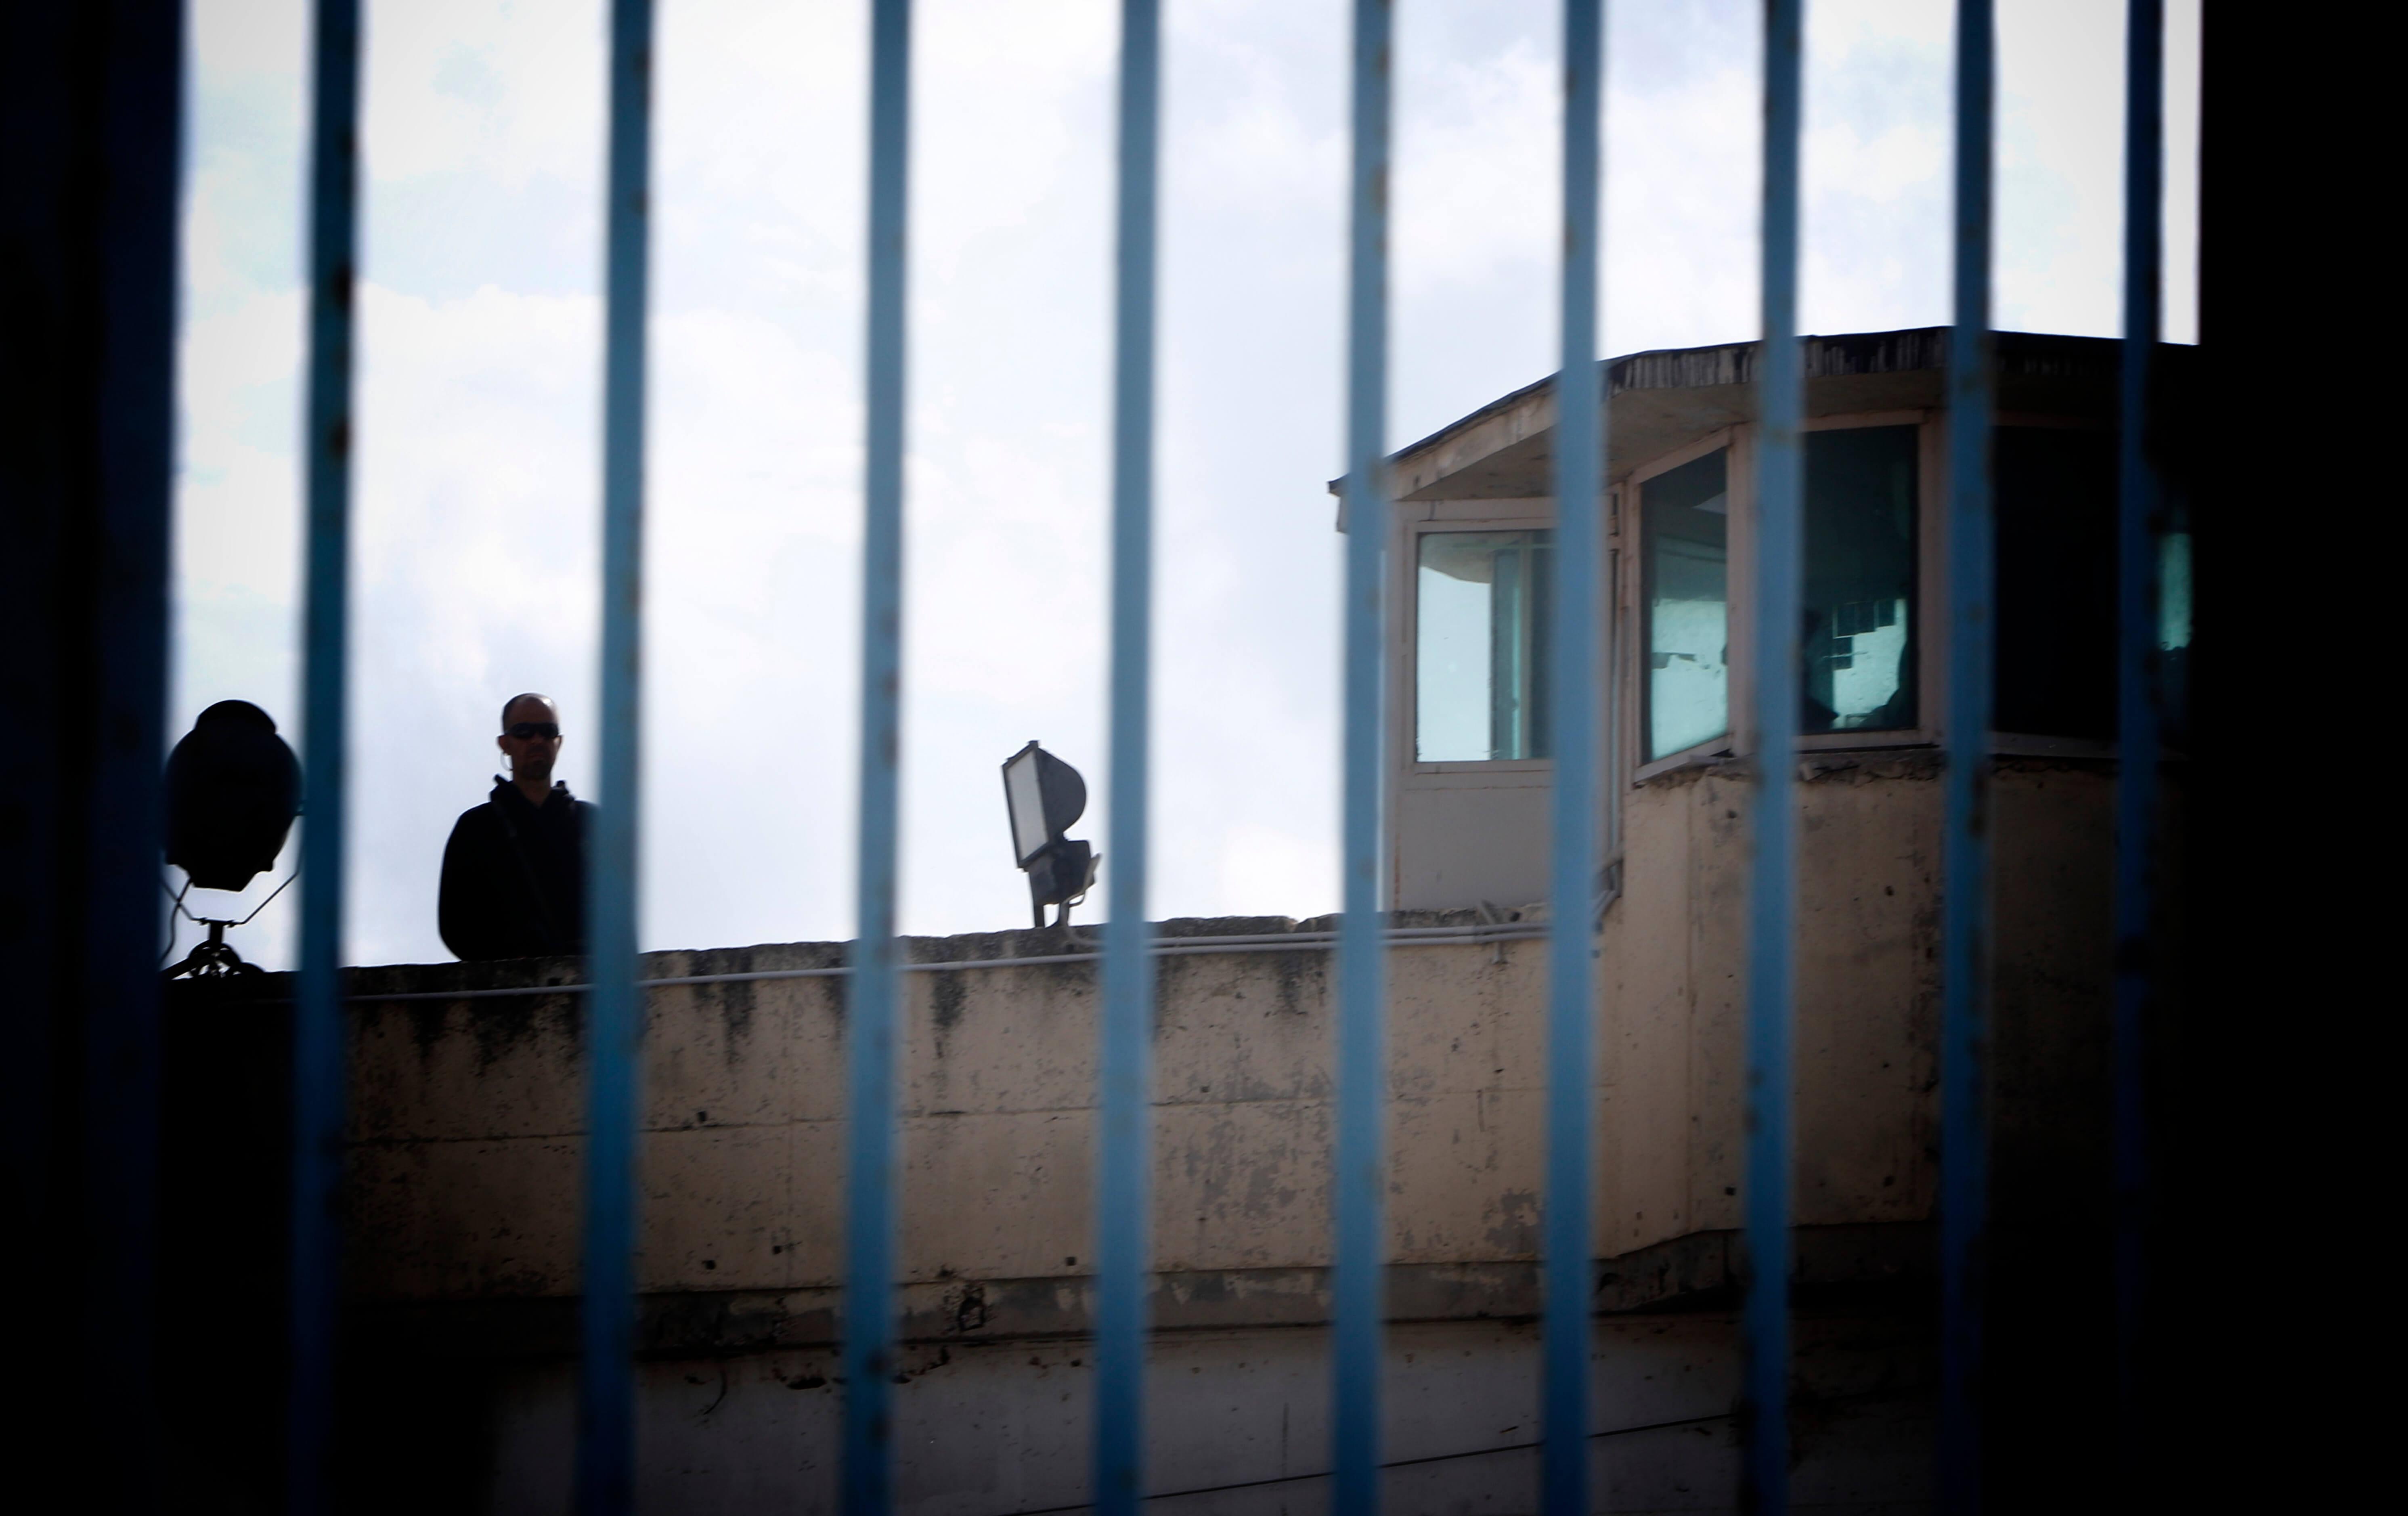 απομάκρυνση φυλακών